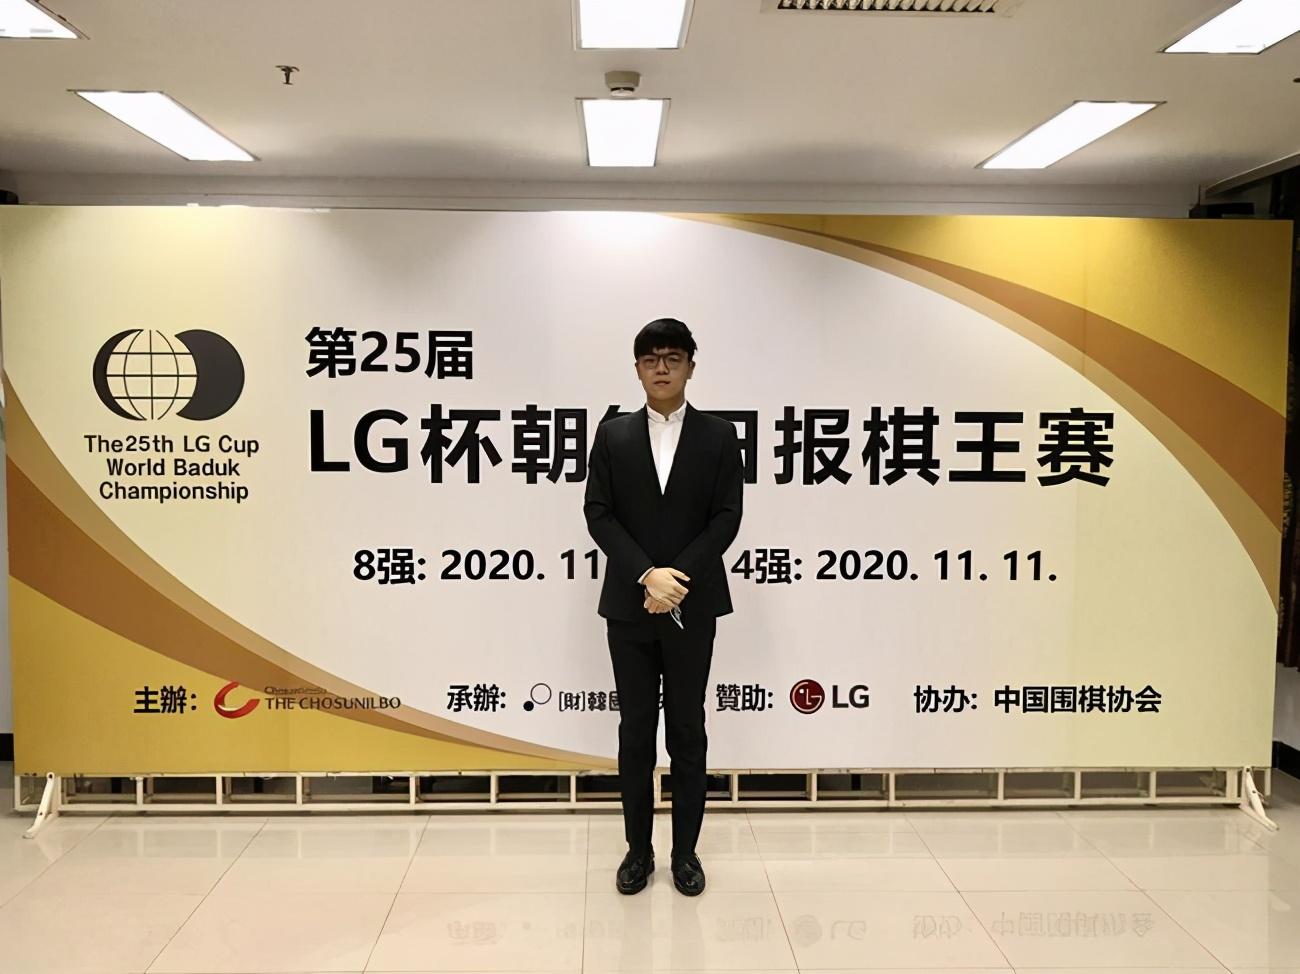 对韩国棋手十三连胜 柯洁冲击自己第一个LG杯冠军